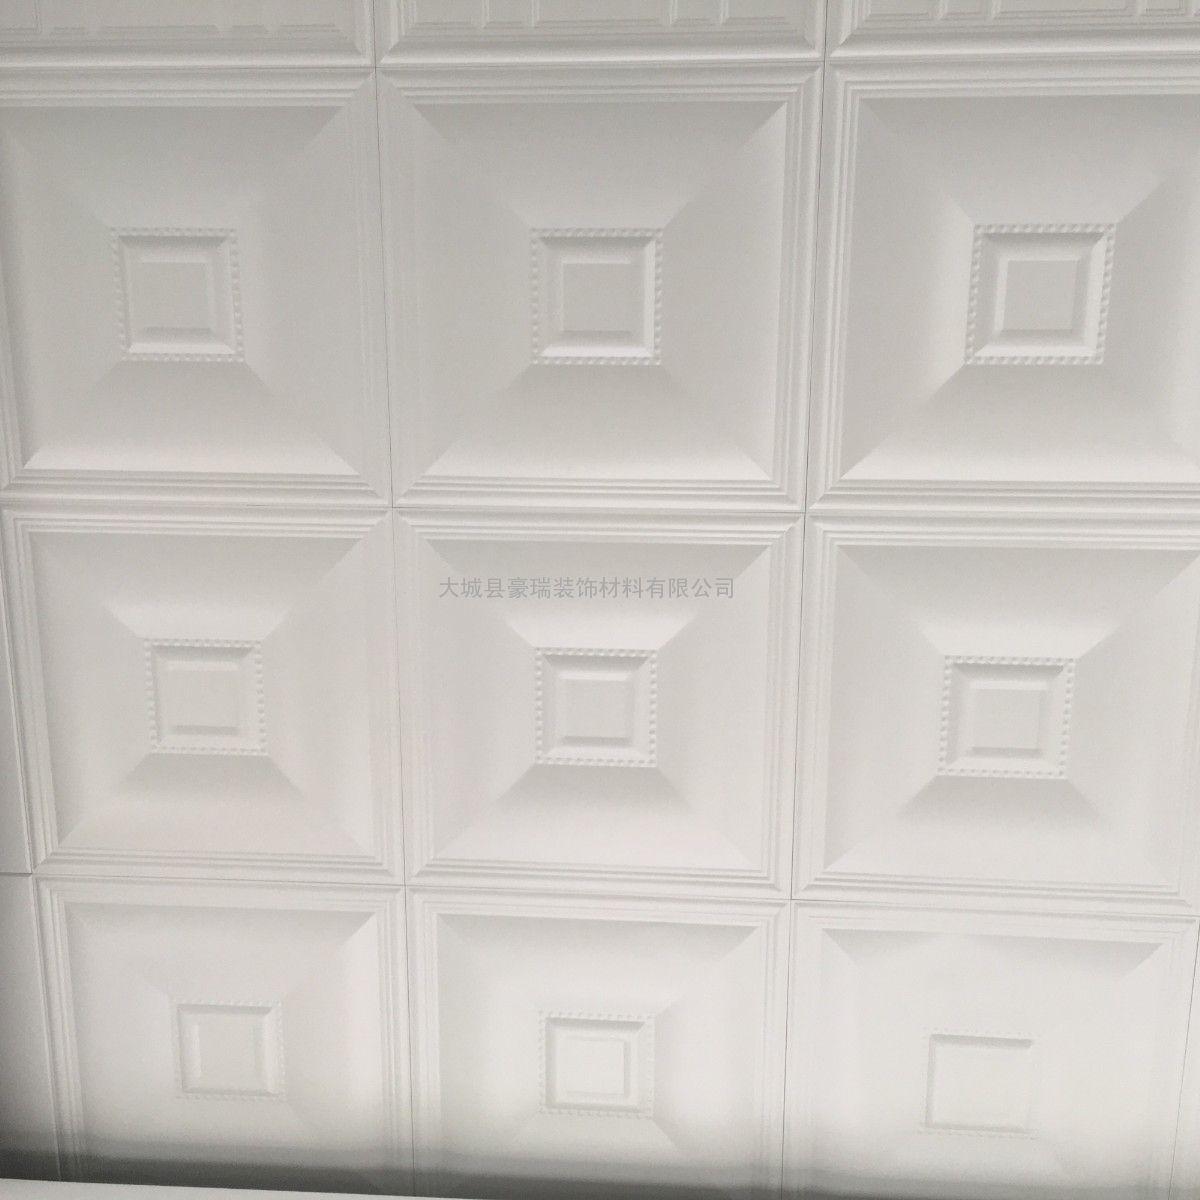 豪瑞铝扣板滚涂工艺均匀细腻,能有效避免吊顶表面粉化现象